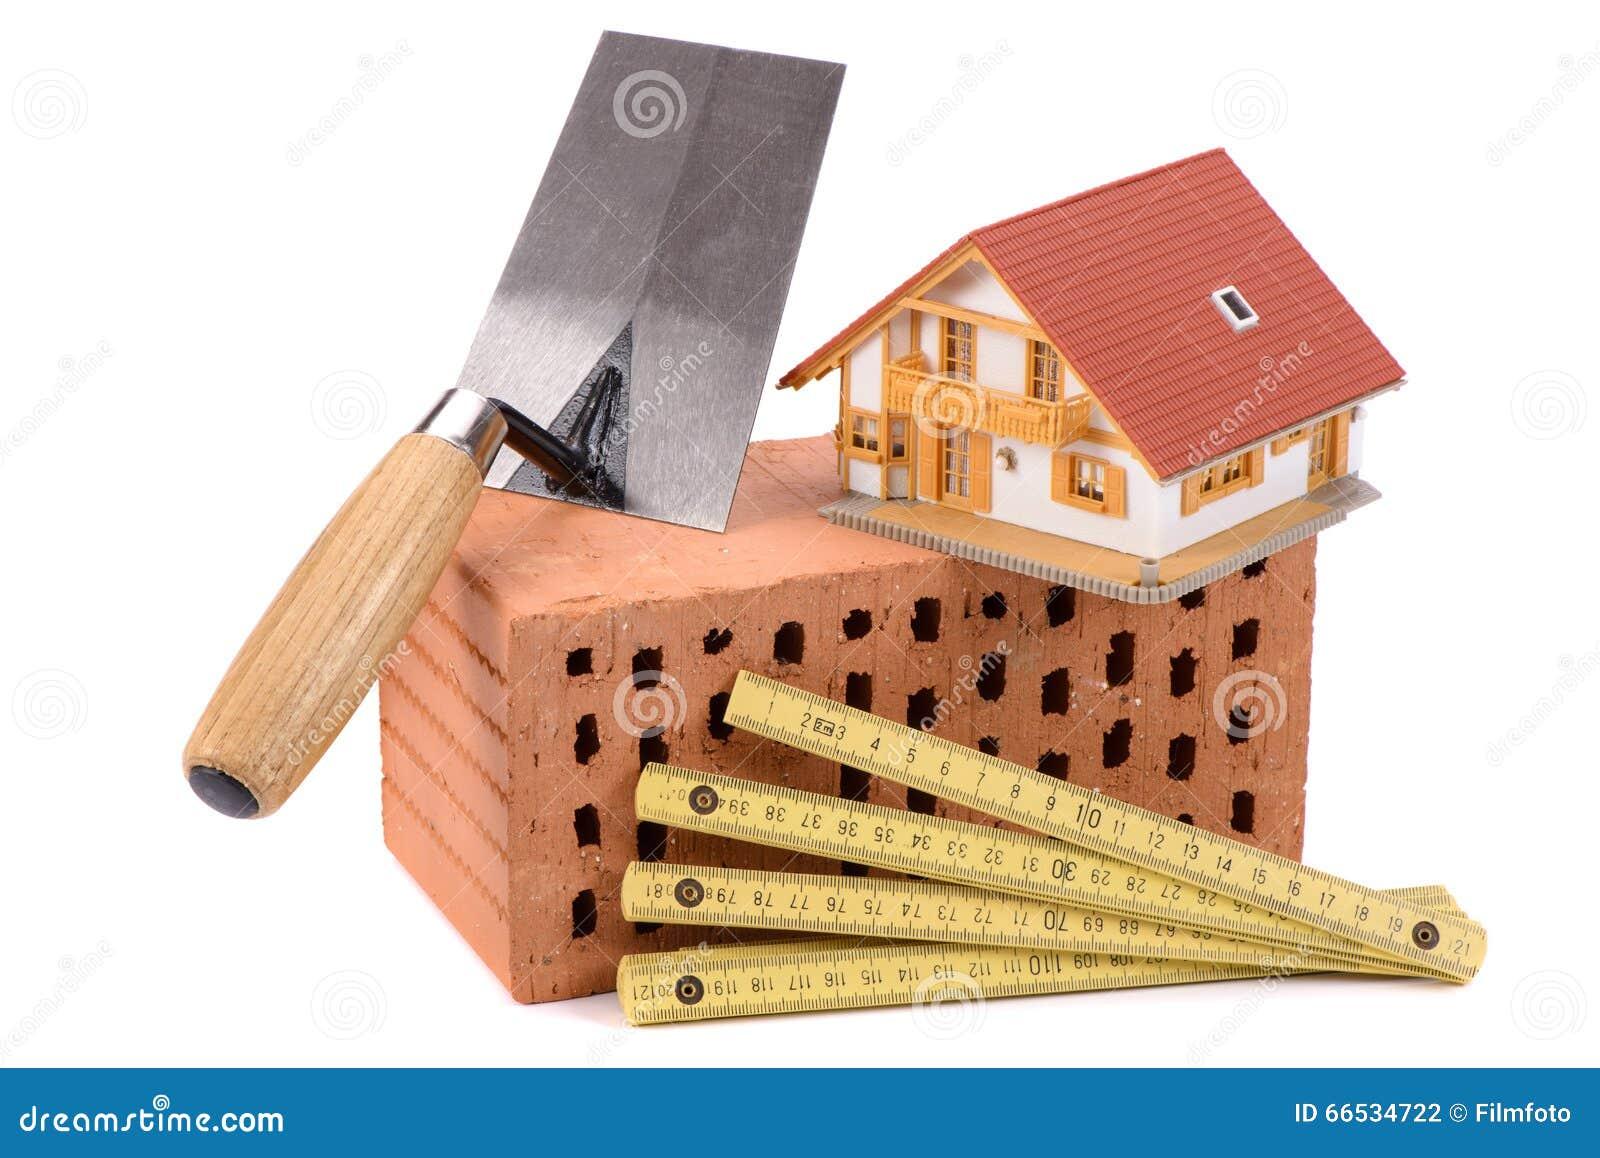 ziegelstein f r hausbau und werkzeug stockfoto bild. Black Bedroom Furniture Sets. Home Design Ideas